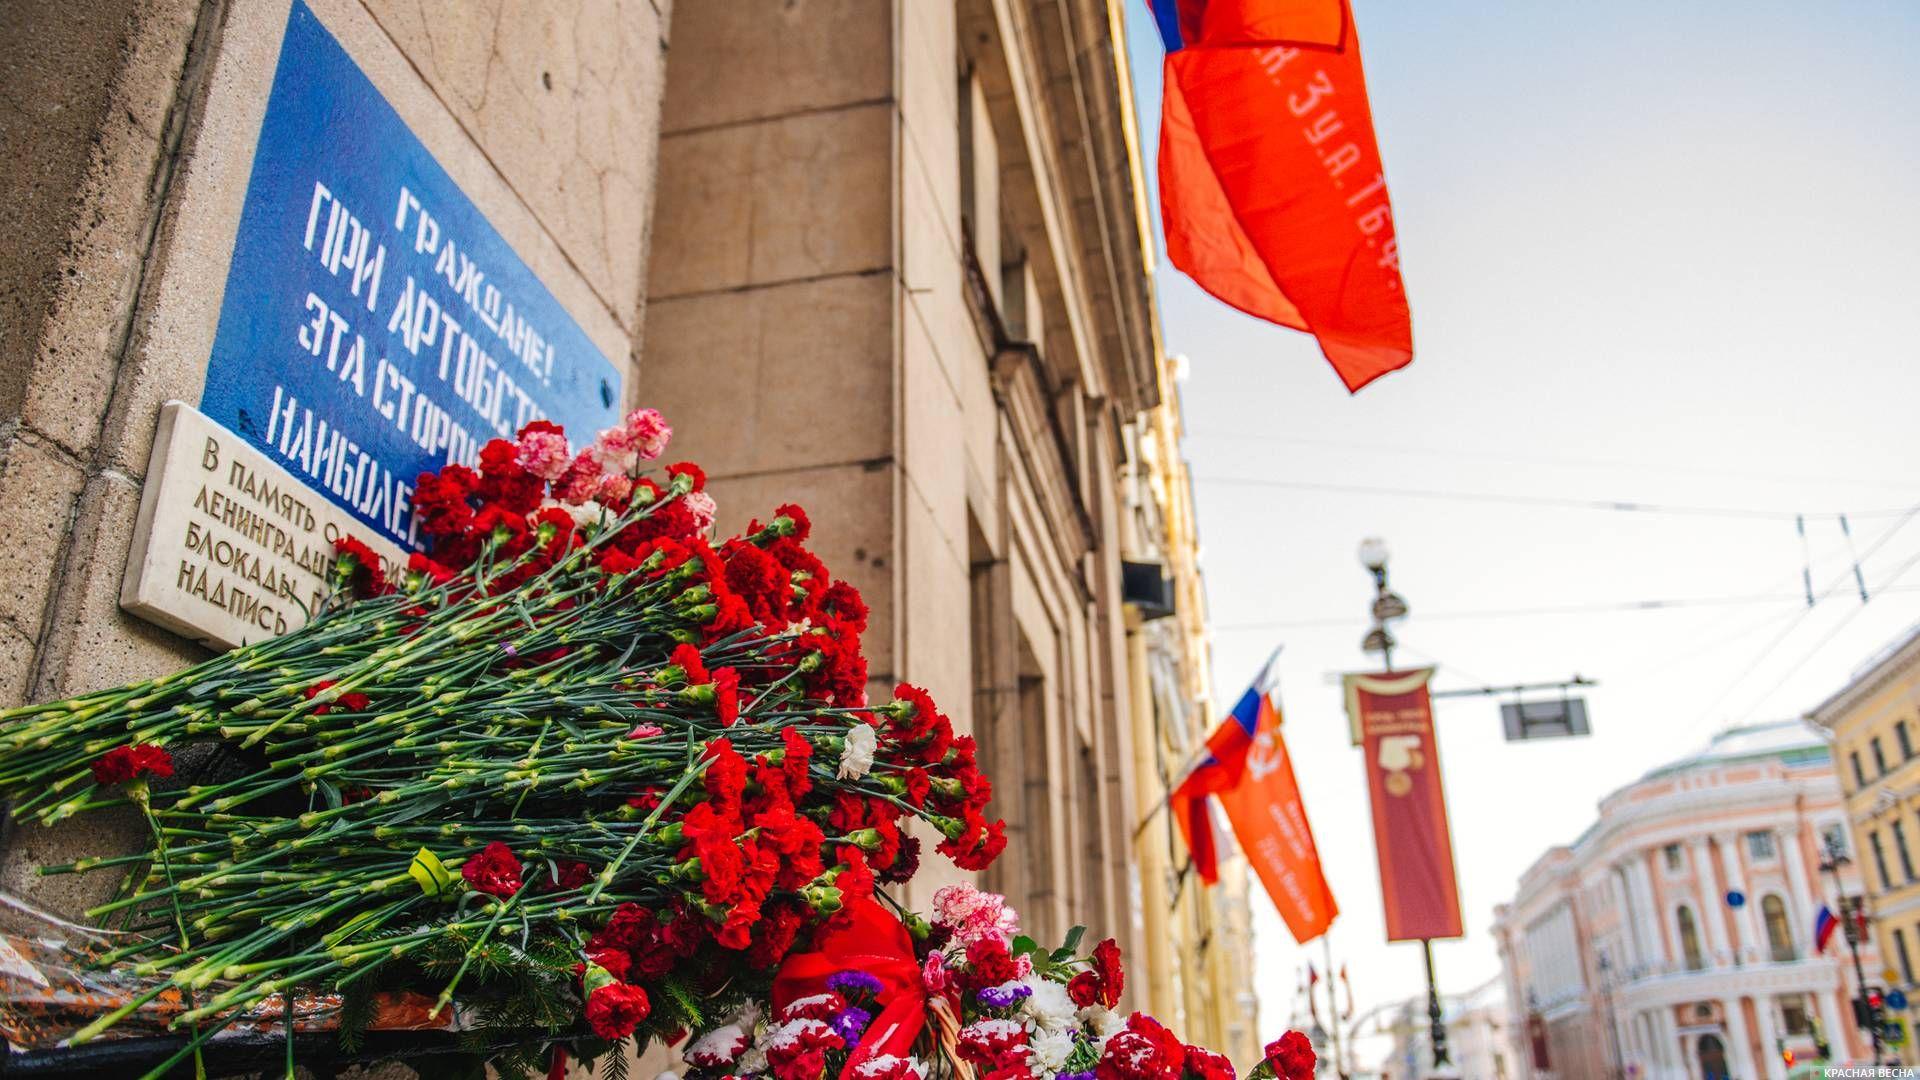 Цветы у памятной доски на Невском проспекте. Санкт-Петербург. 27.01.2019